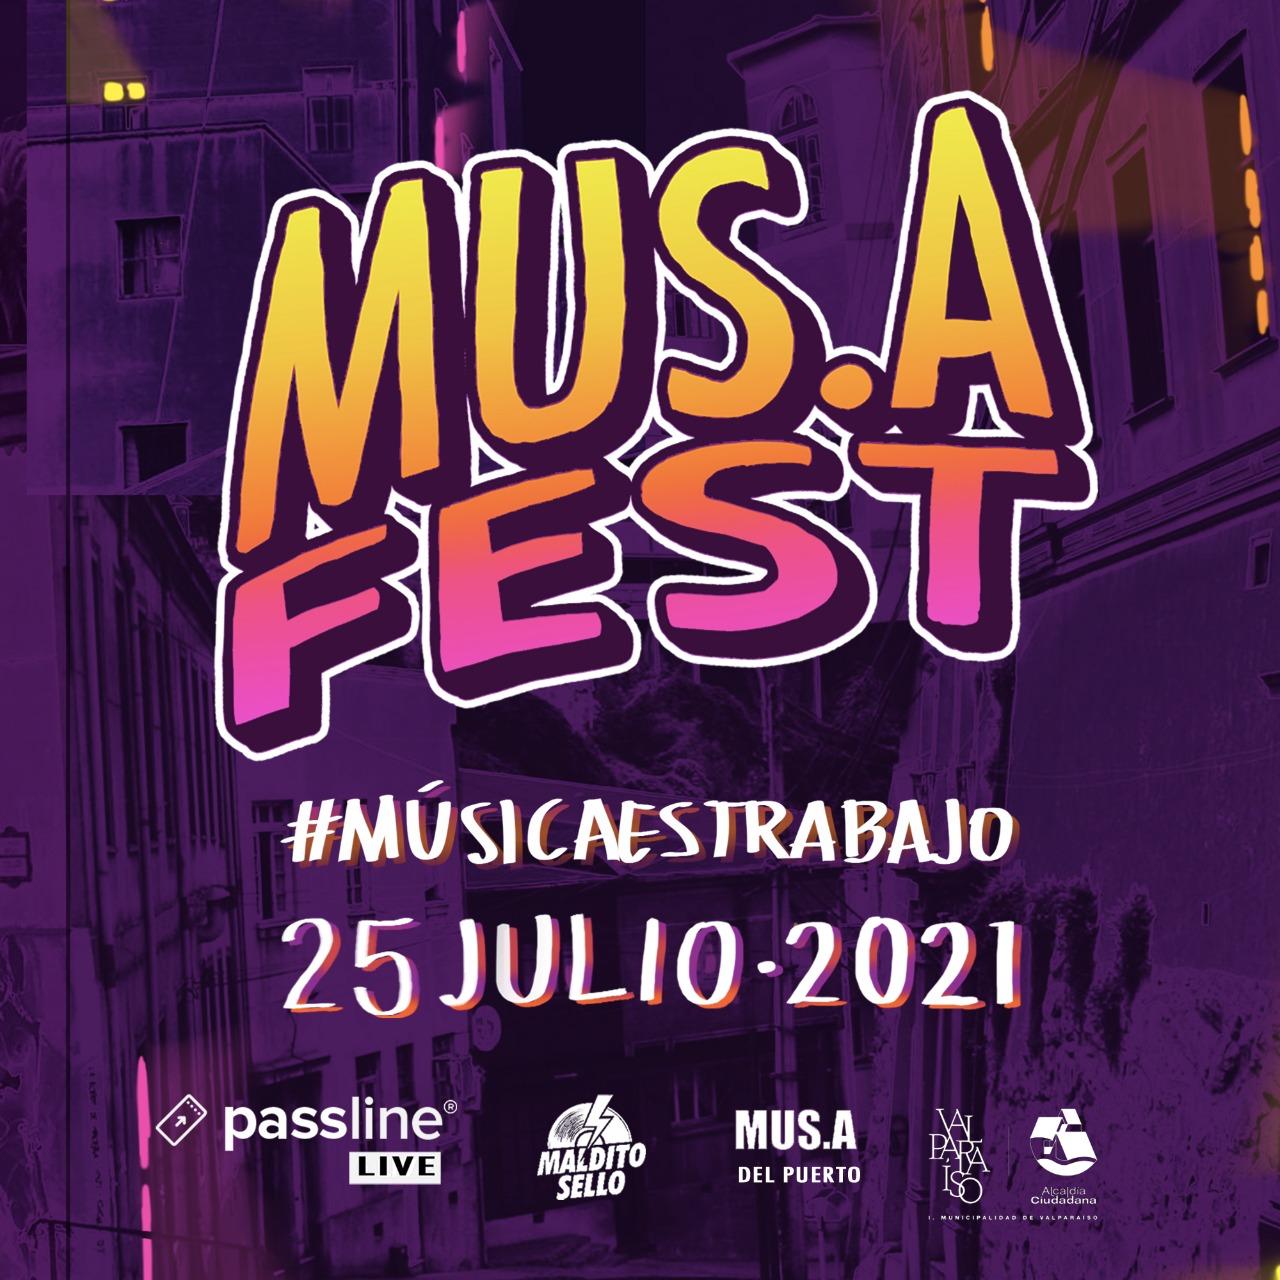 MUSAFEST, el festival que busca visibilizar y apoyar a trabajadores de la música en Valparaíso